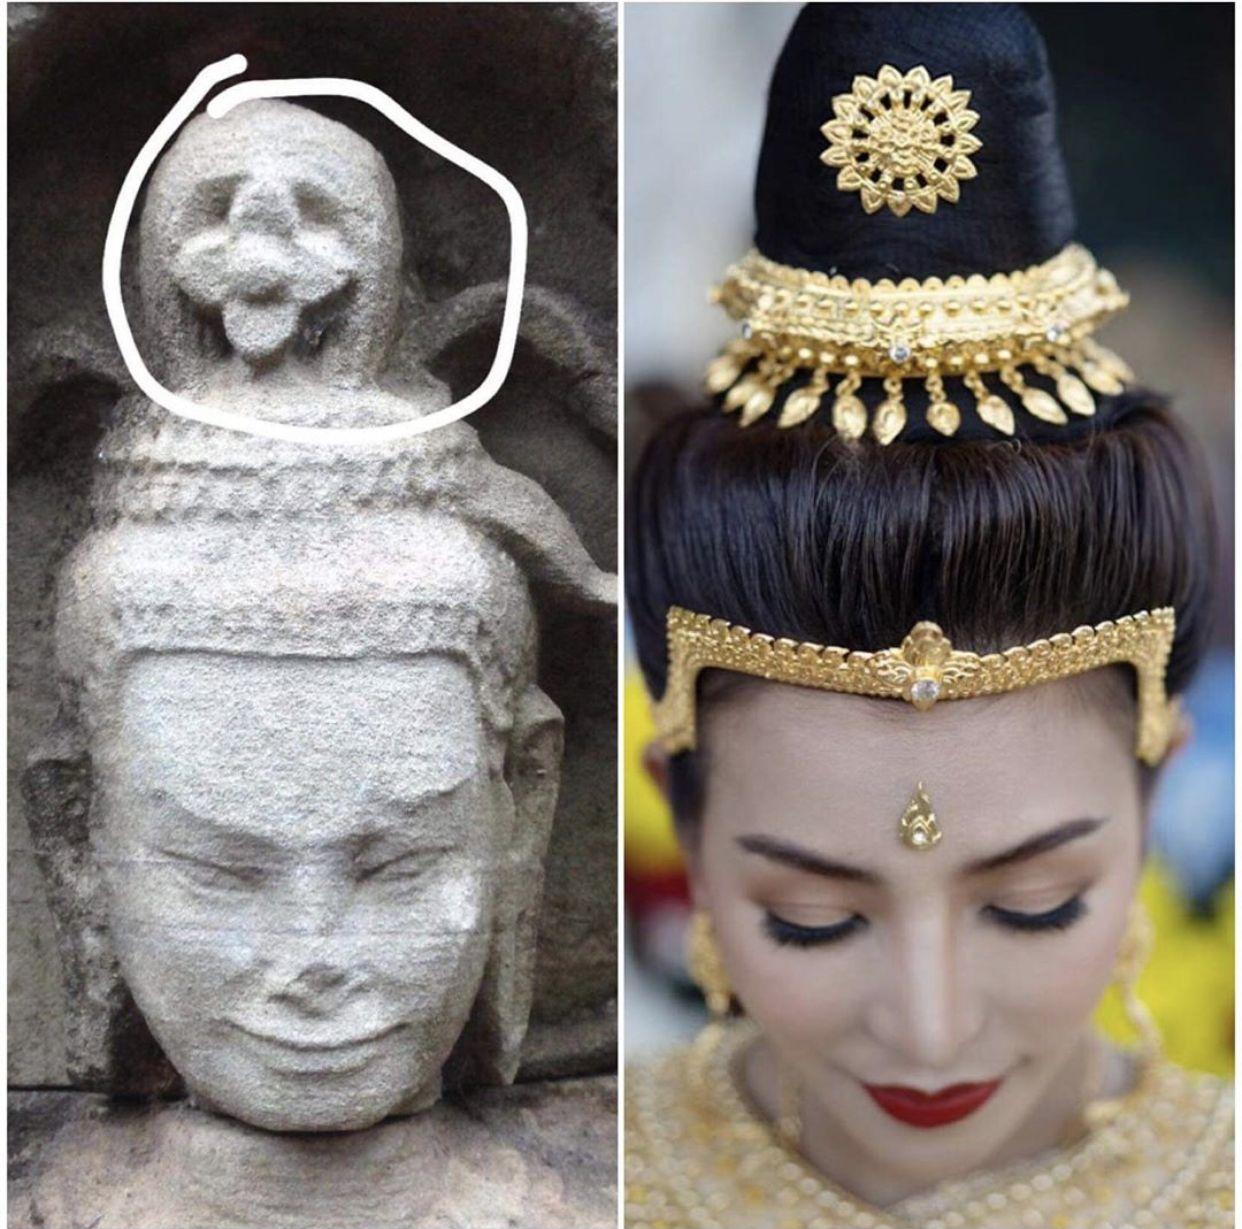 Khmer jewelry ในปี 2020 เครื่องประดับ, ศิลปะ